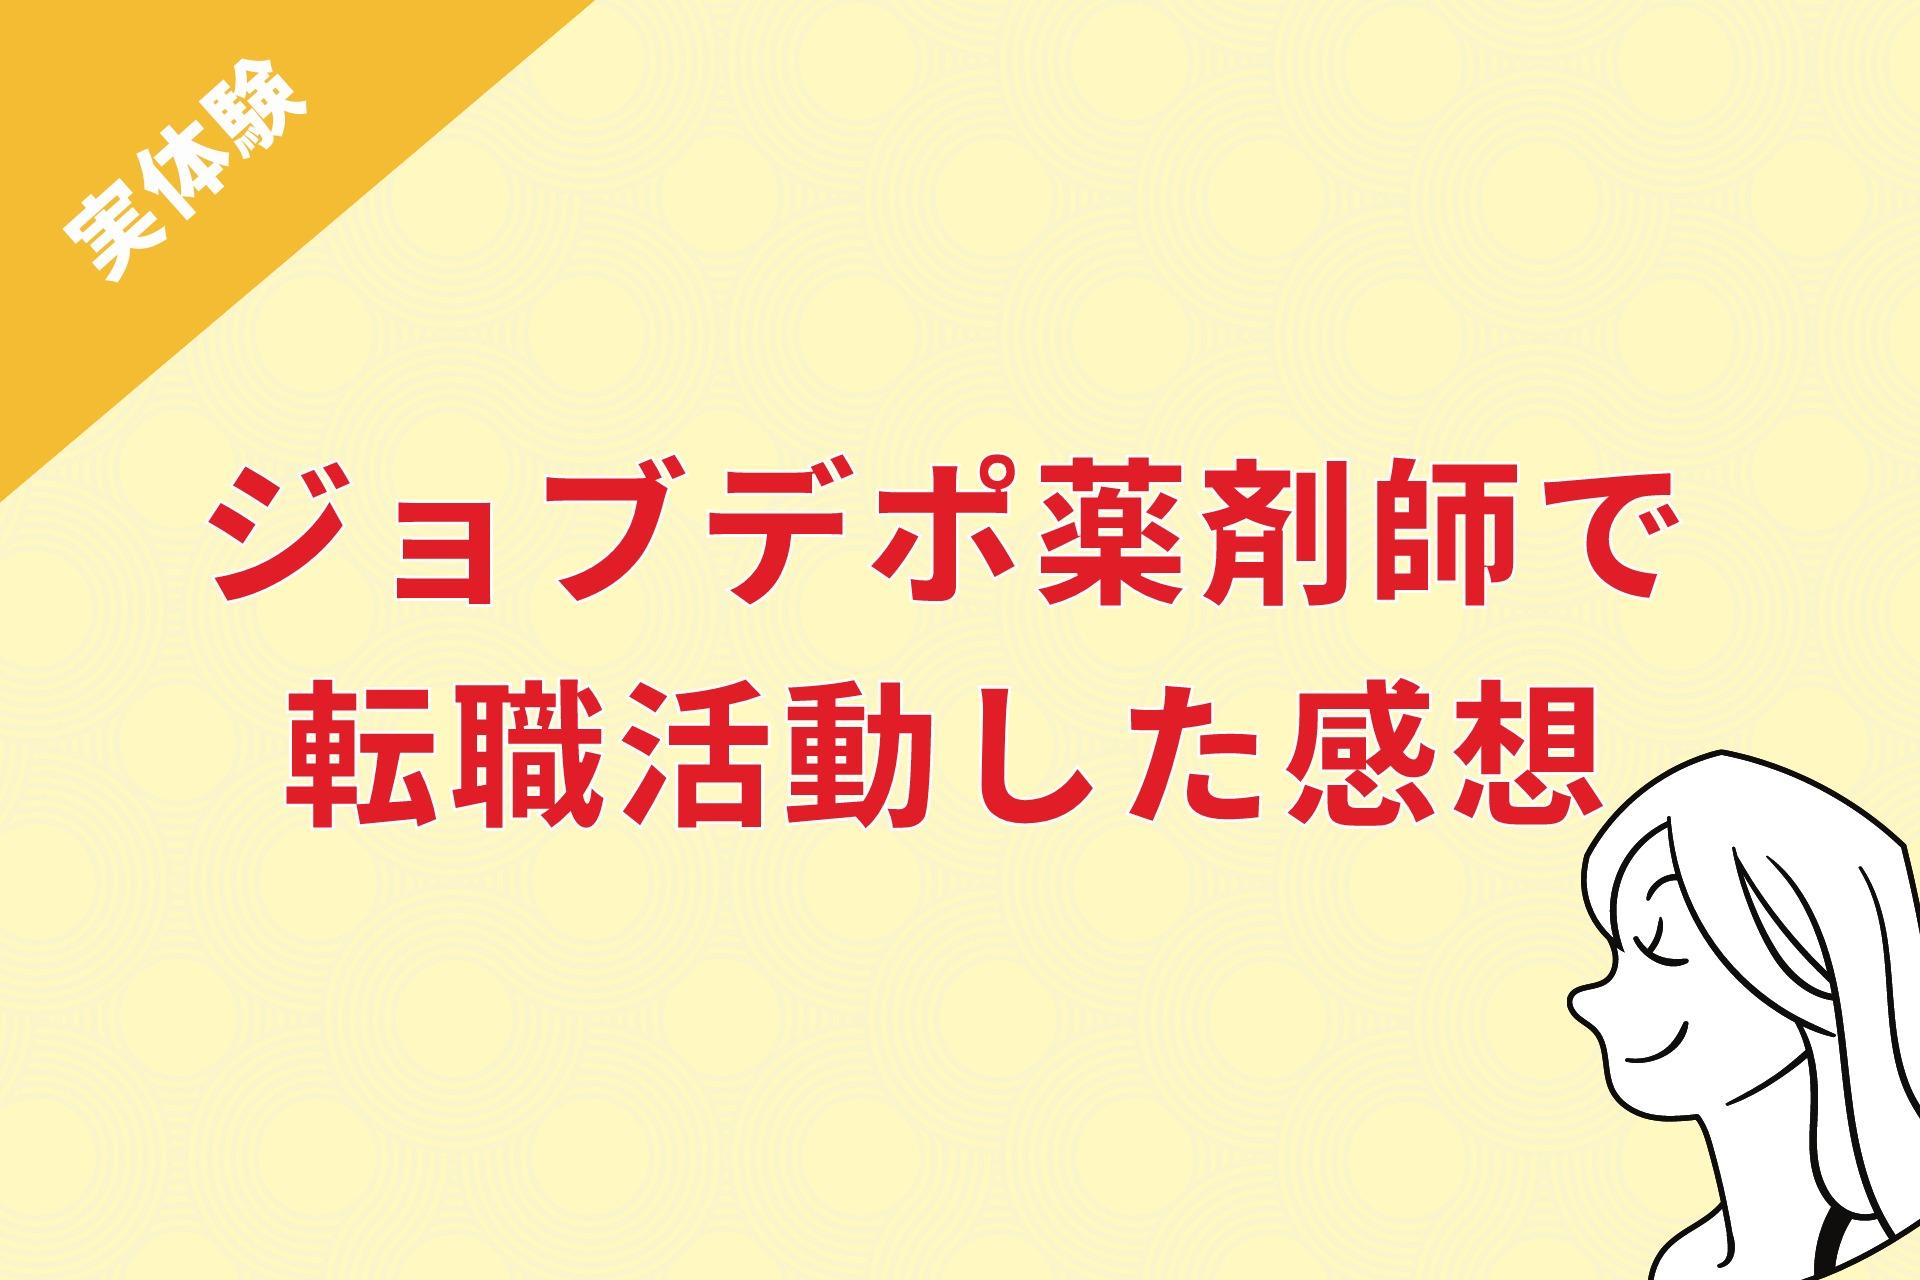 【お祝い金40万円】ジョブデポ薬剤師で転職活動をしてみた感想と評判